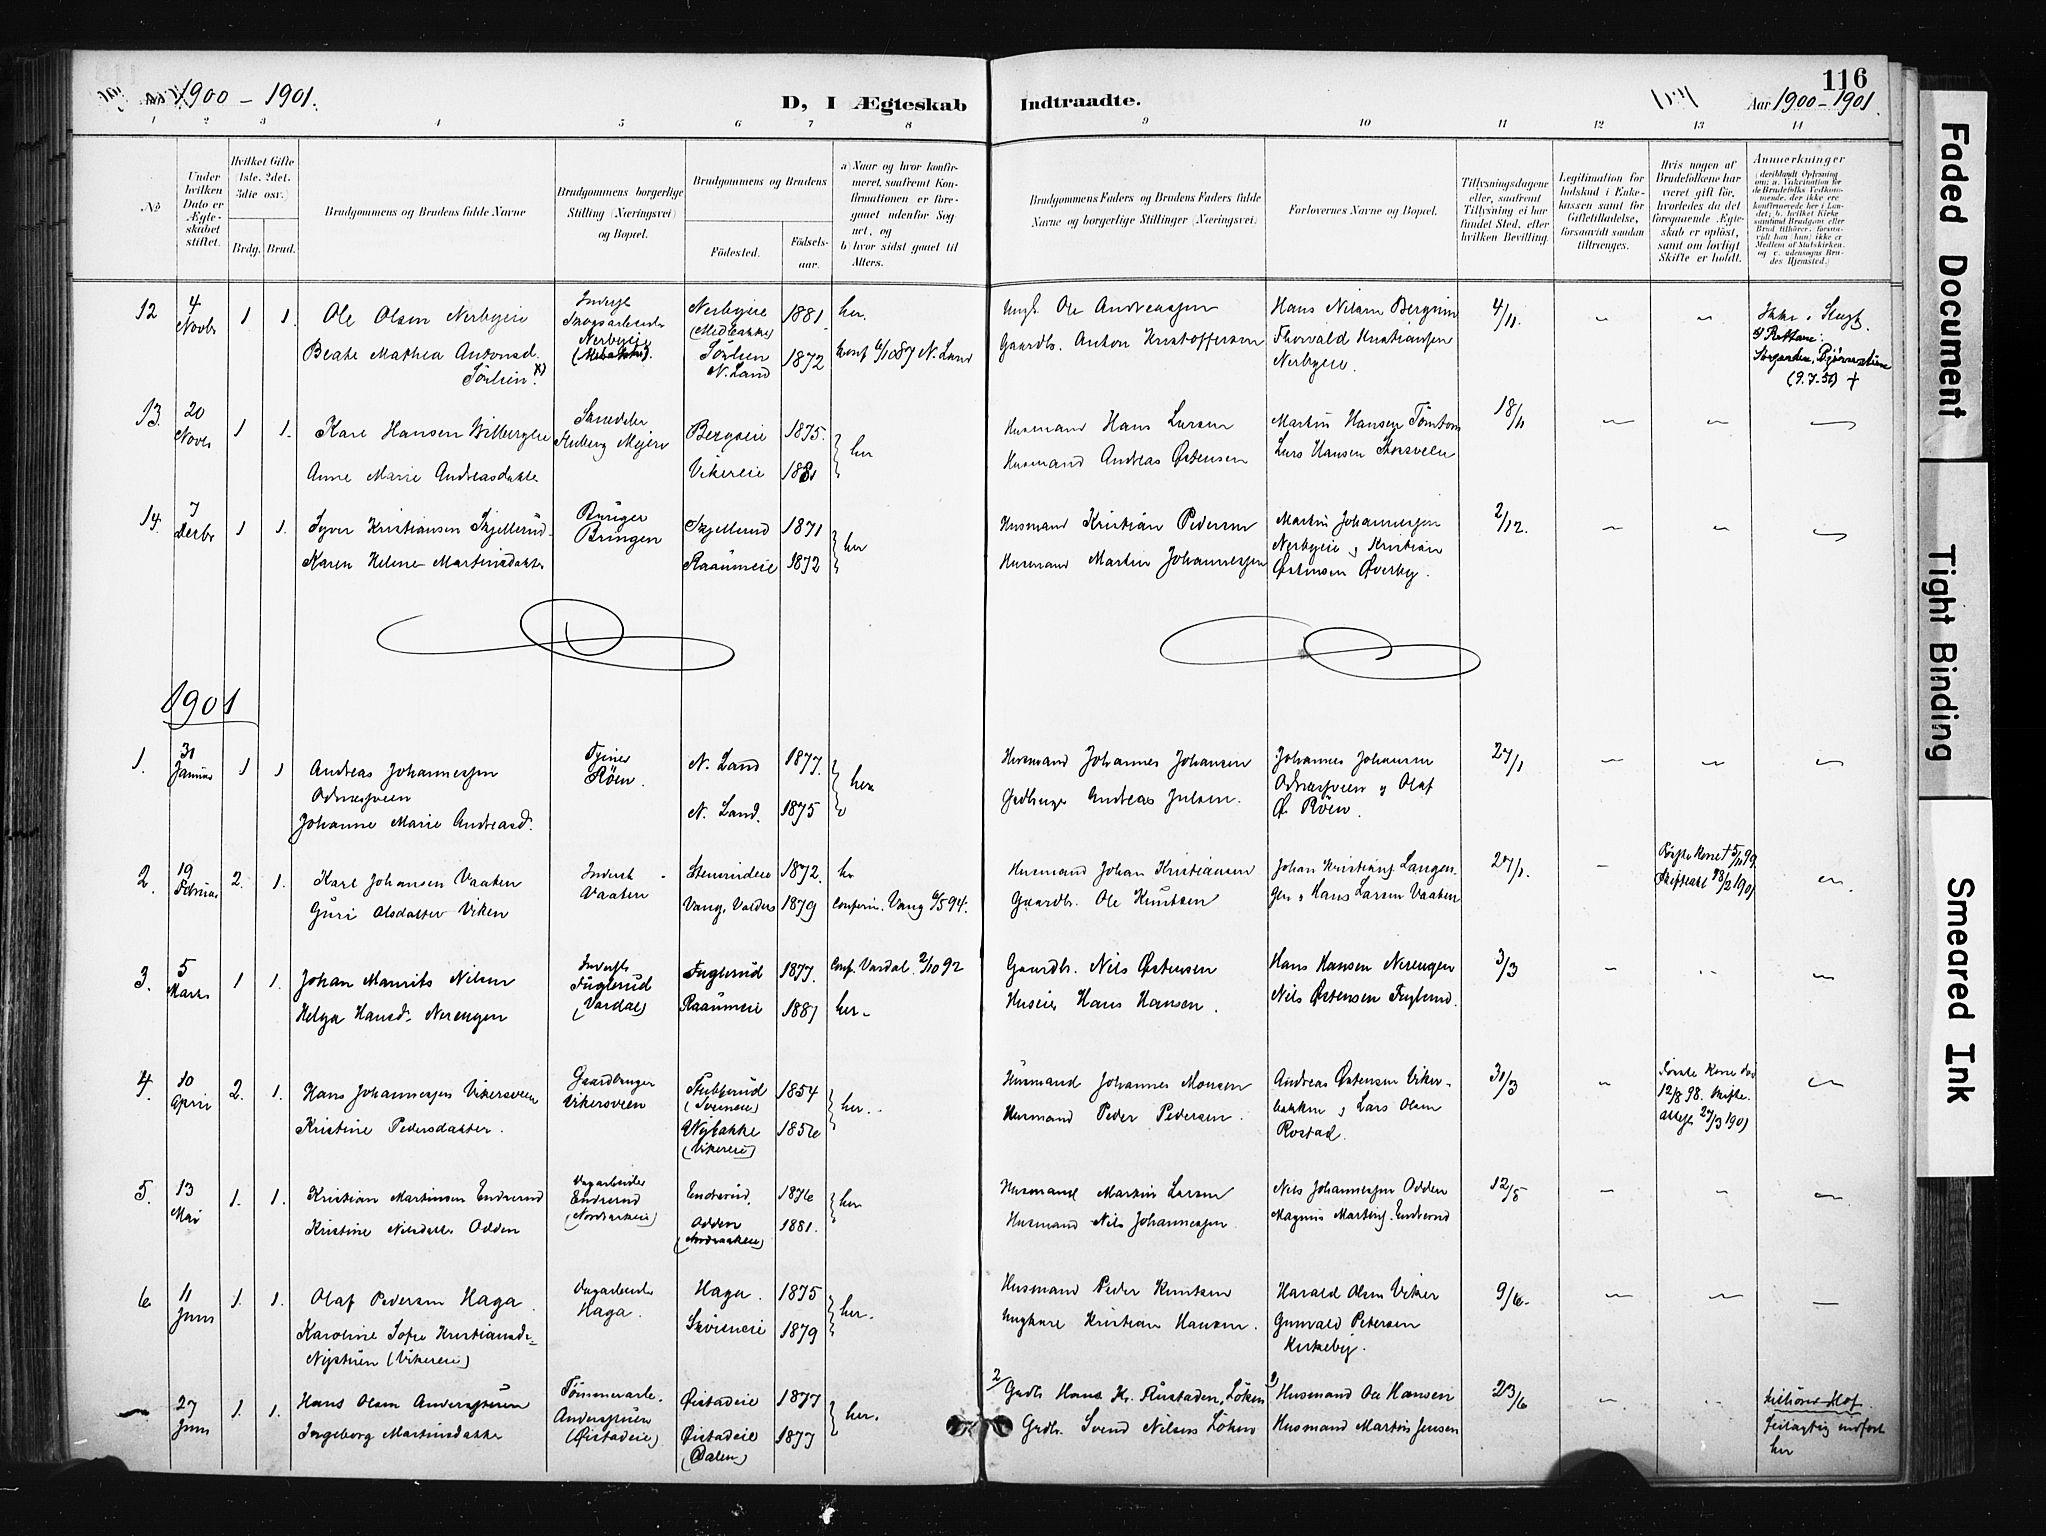 SAH, Søndre Land prestekontor, K/L0004: Ministerialbok nr. 4, 1895-1904, s. 116